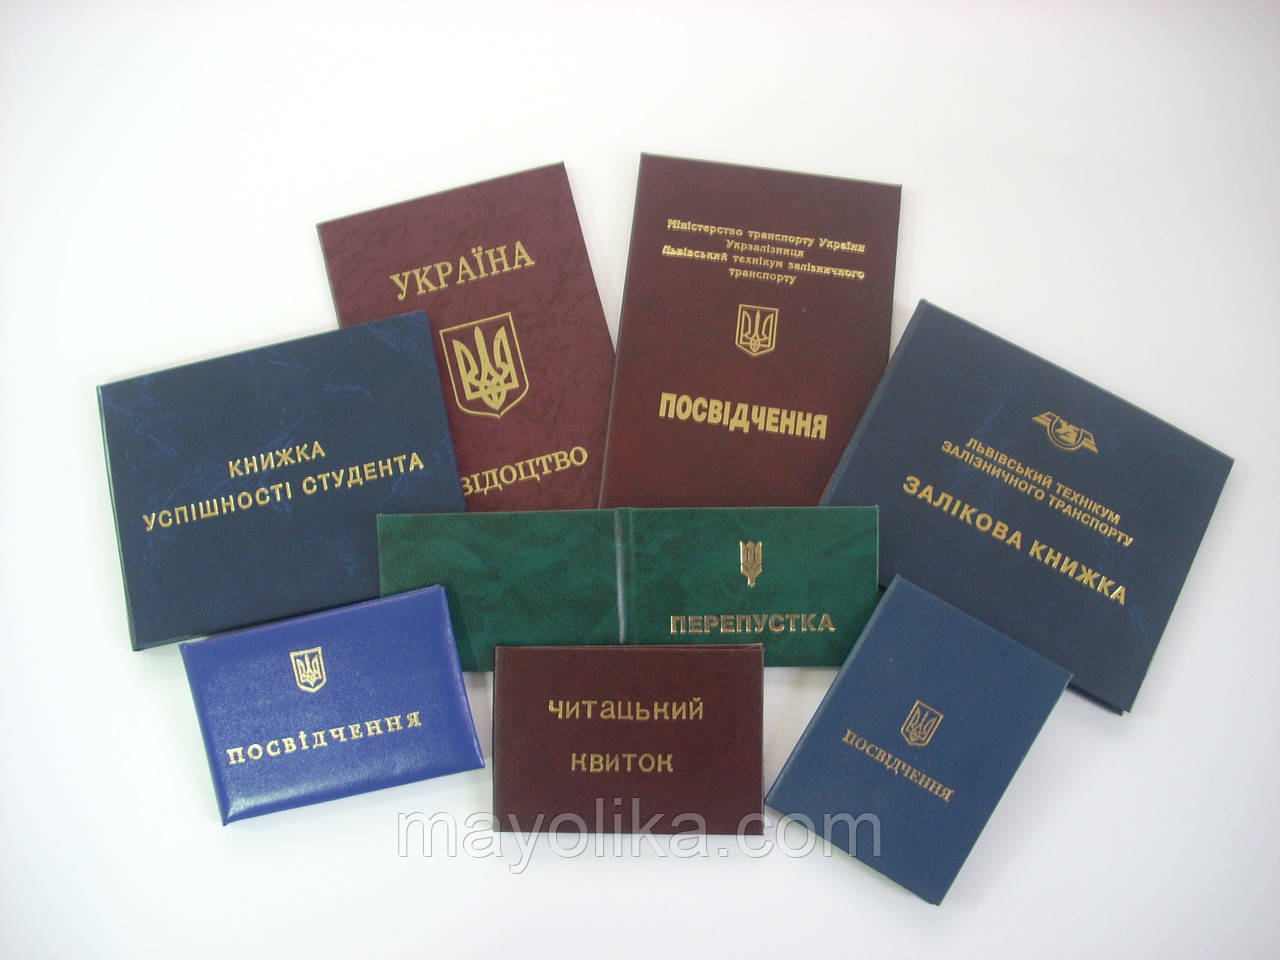 Обкладинка тверда для документів, папок, посвідчень, плетіння документів, тиснення.